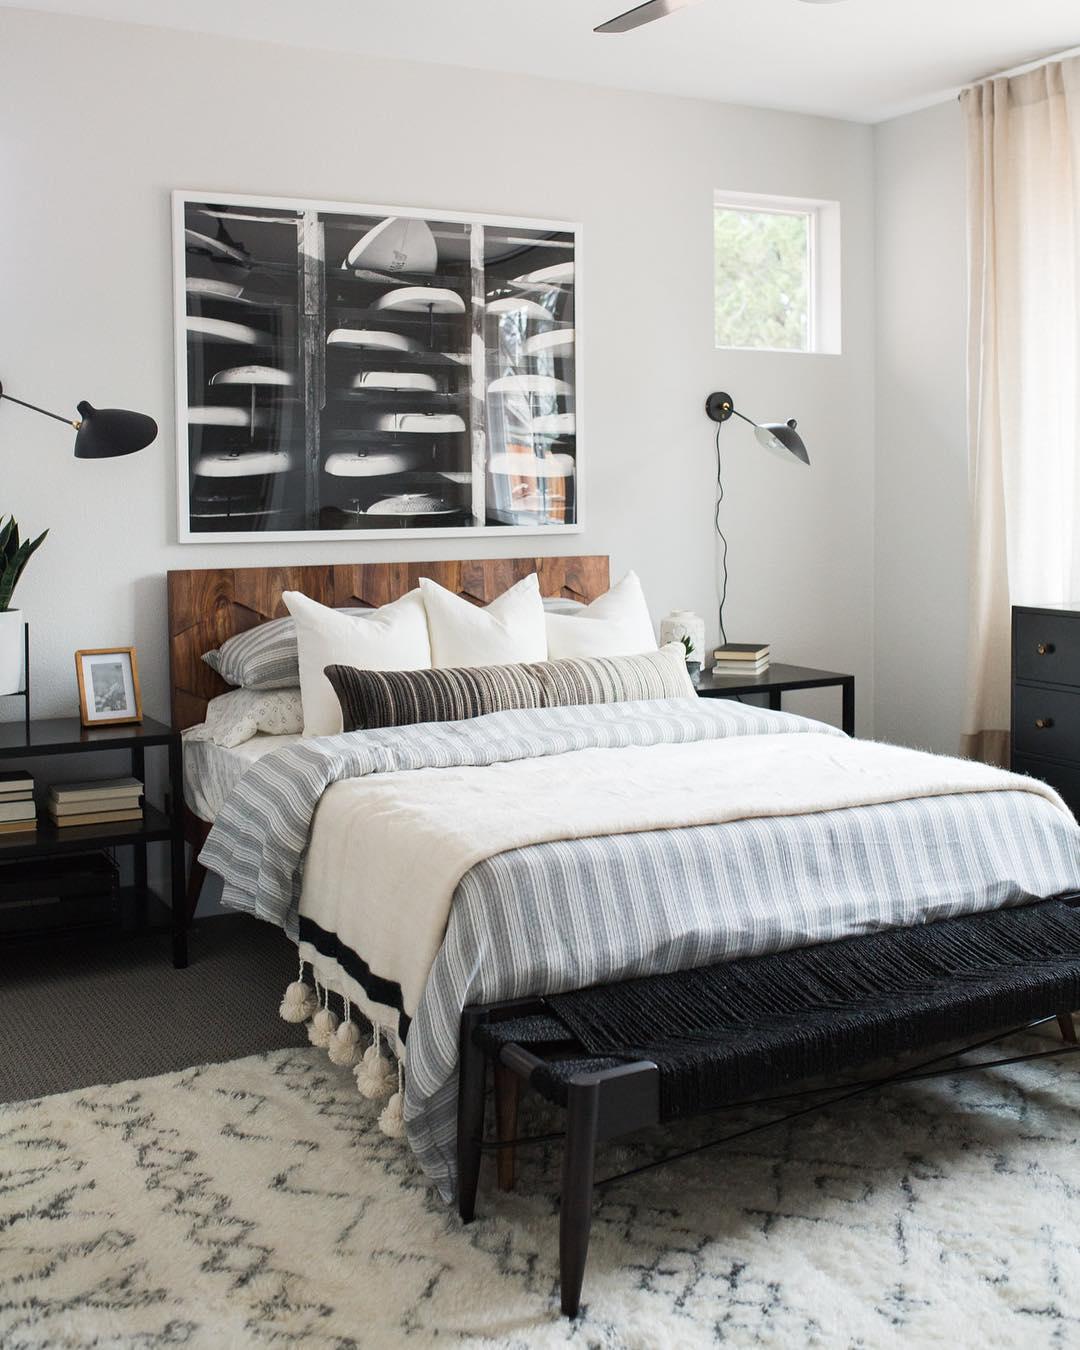 Handmade decor items for your interior